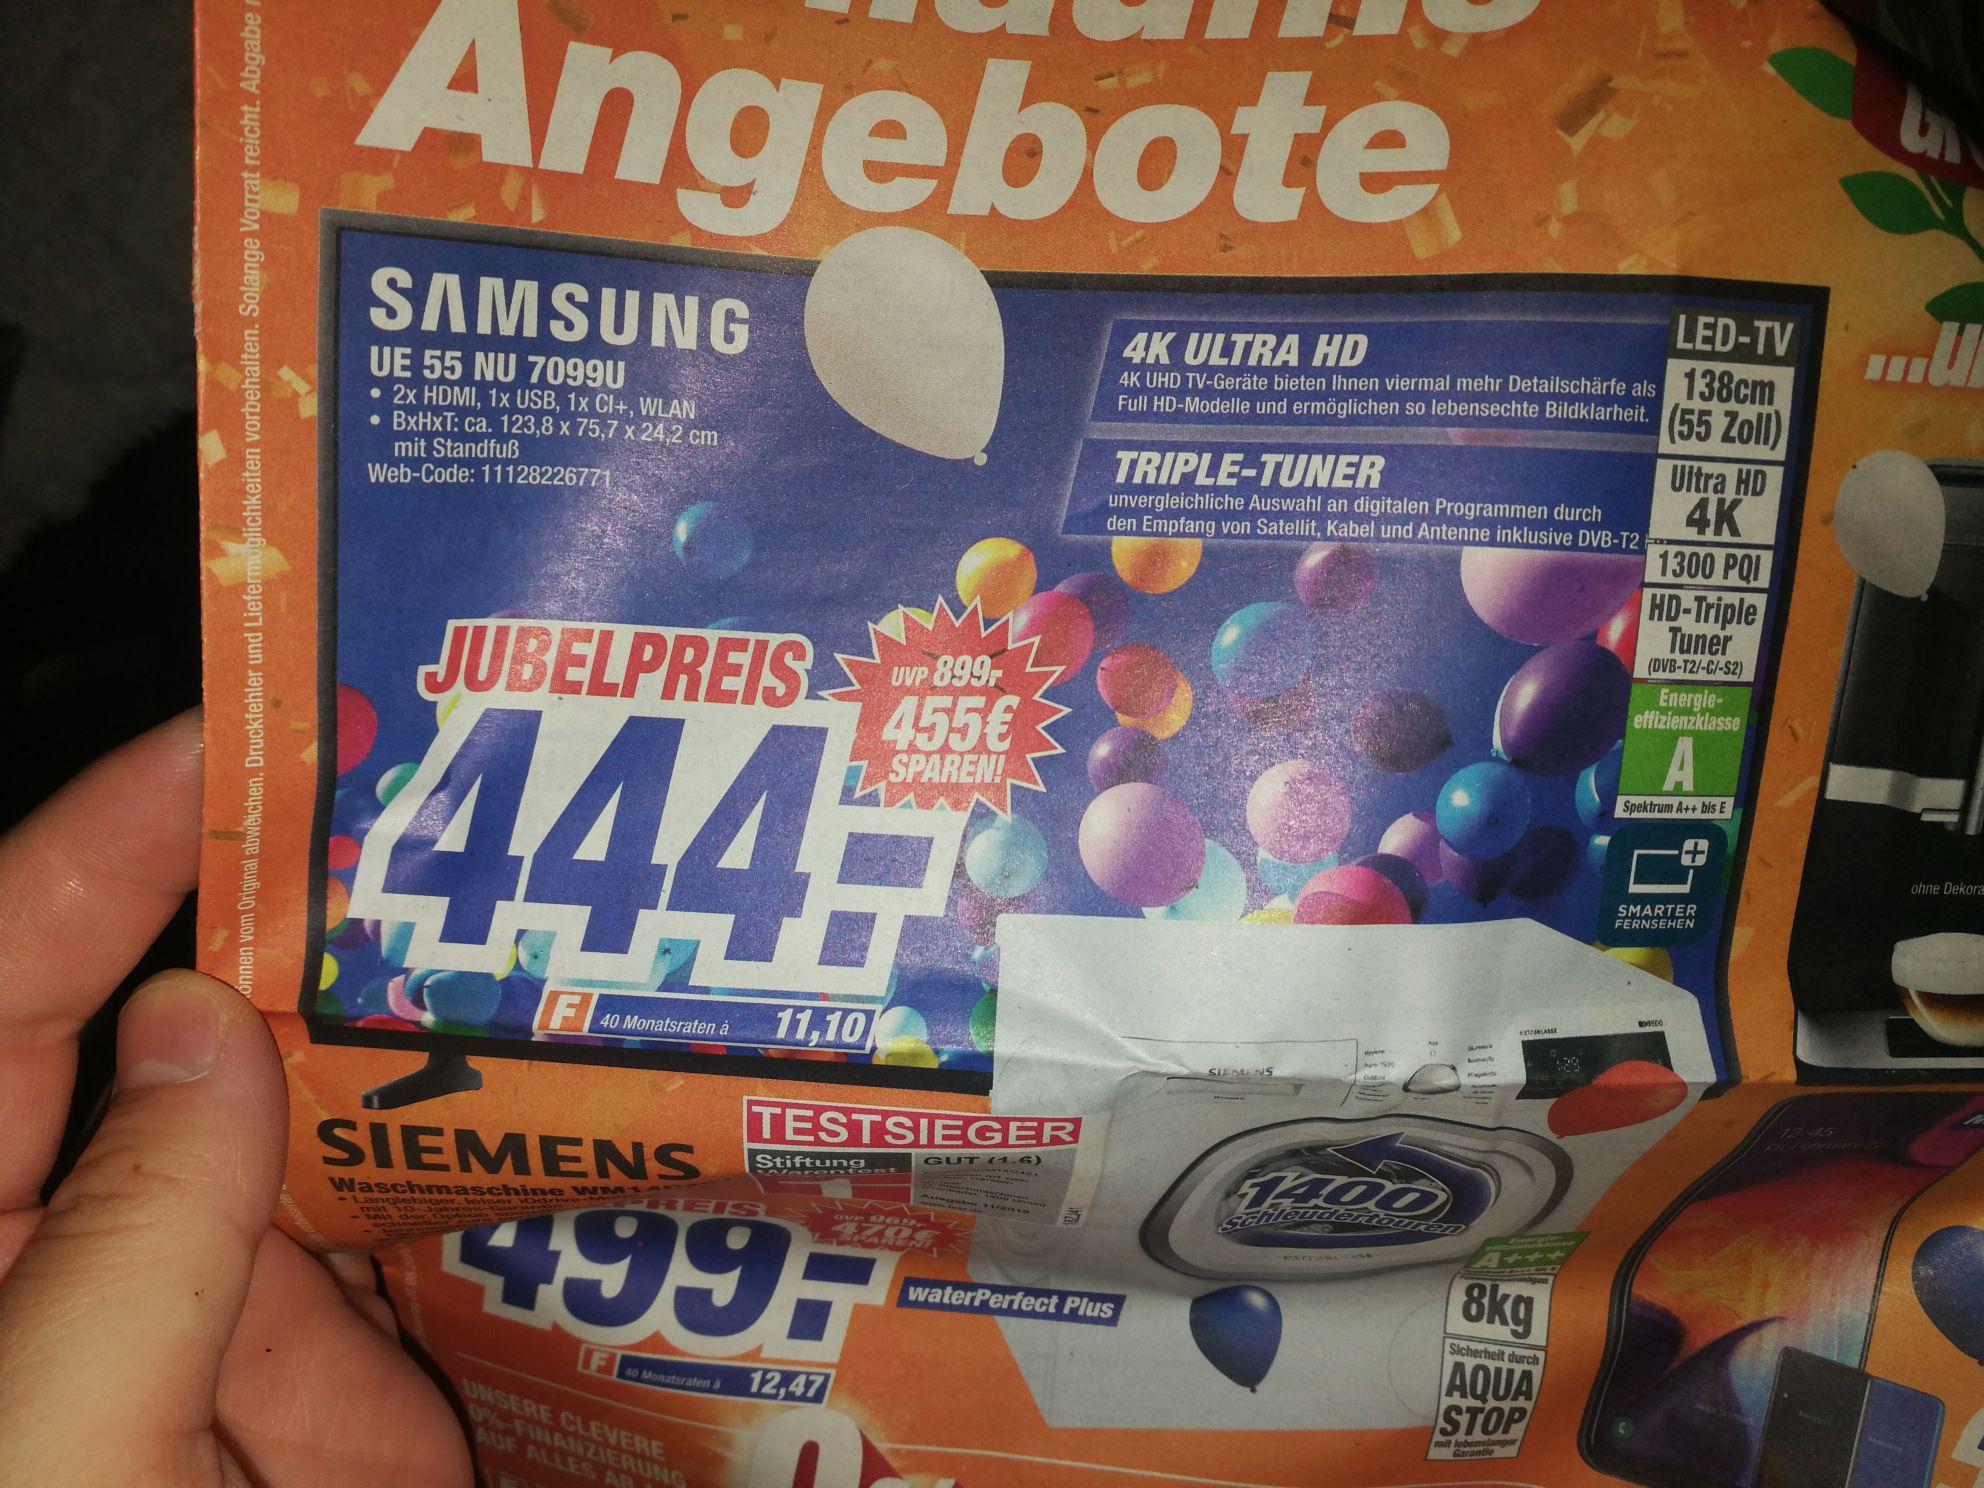 Samsung UE55NU7099 HDR 4k LED Media Markt